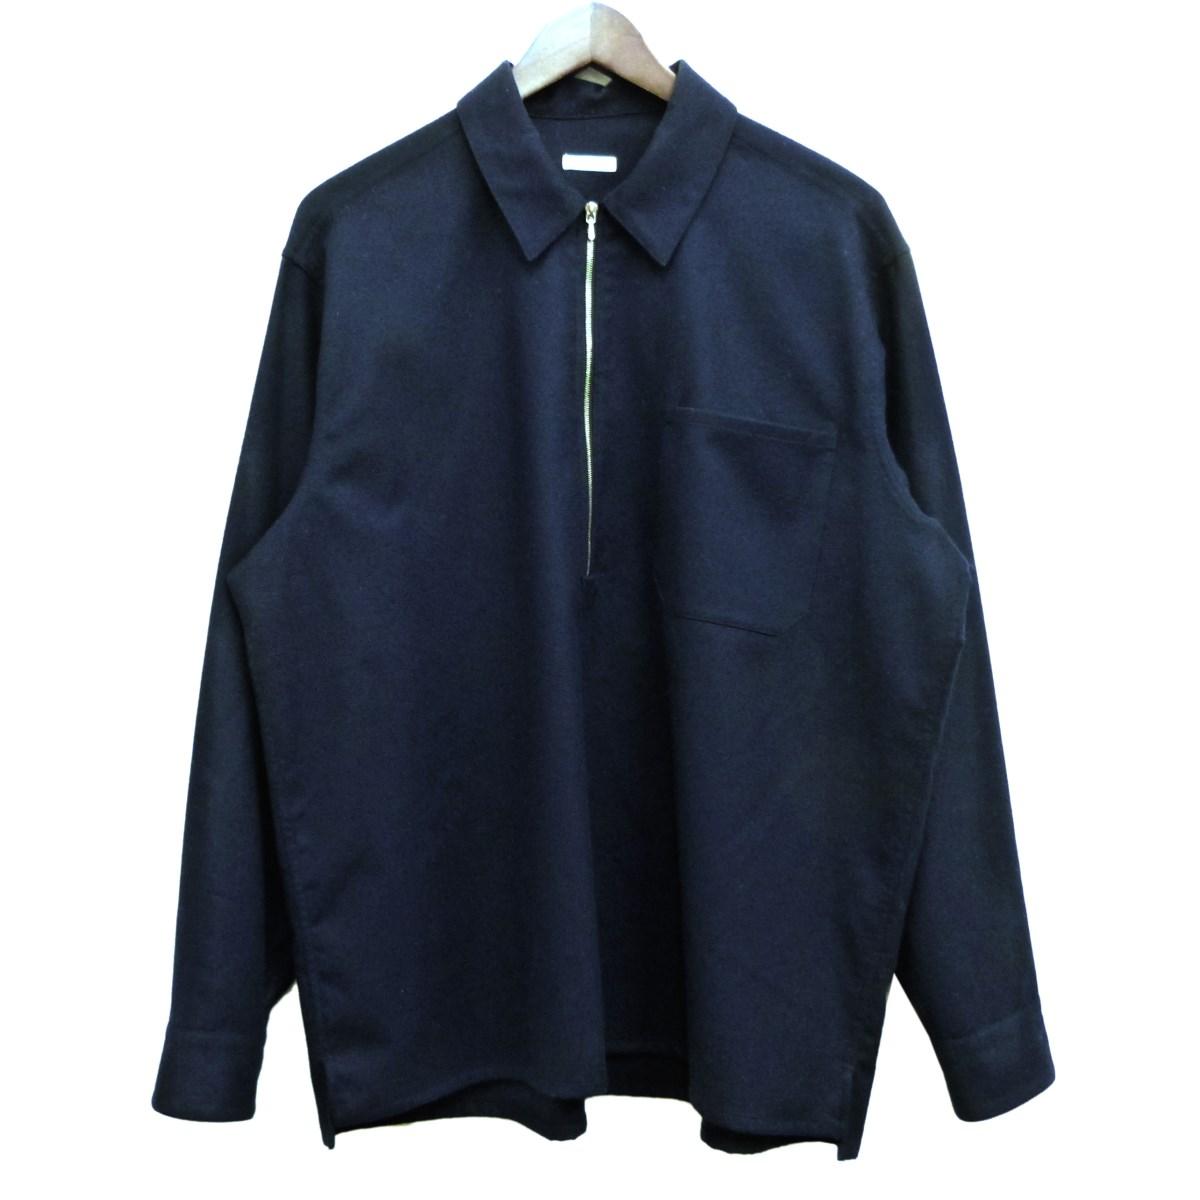 【中古】COMOLI フラノZIPシャツ ネイビー サイズ:2 【040420】(コモリ)